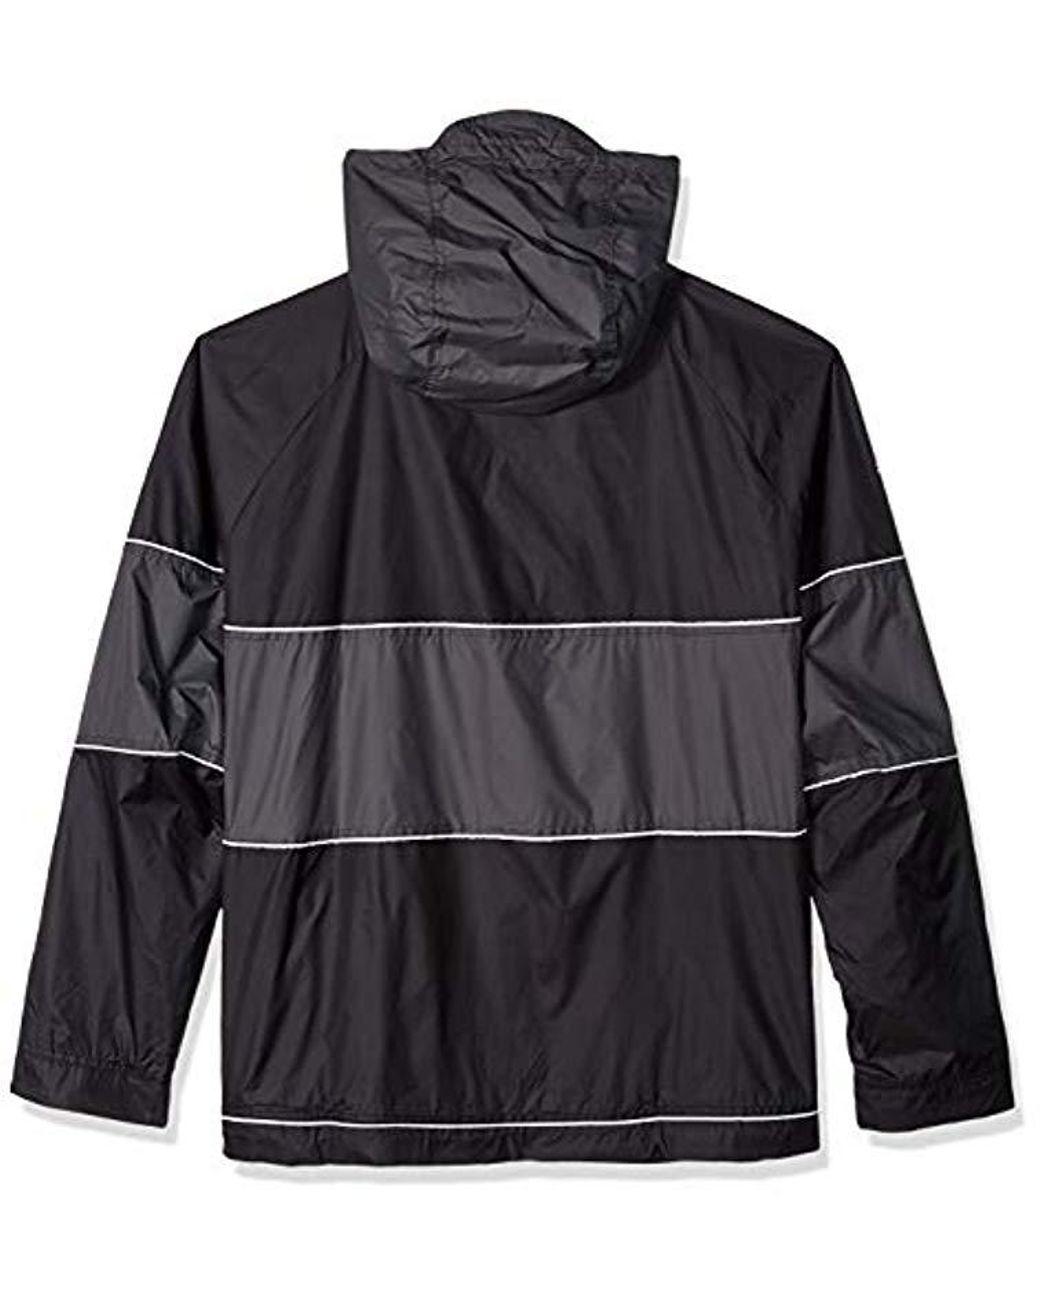 PUMA Bmw Motorsport React Jacket in Black for Men Save 12